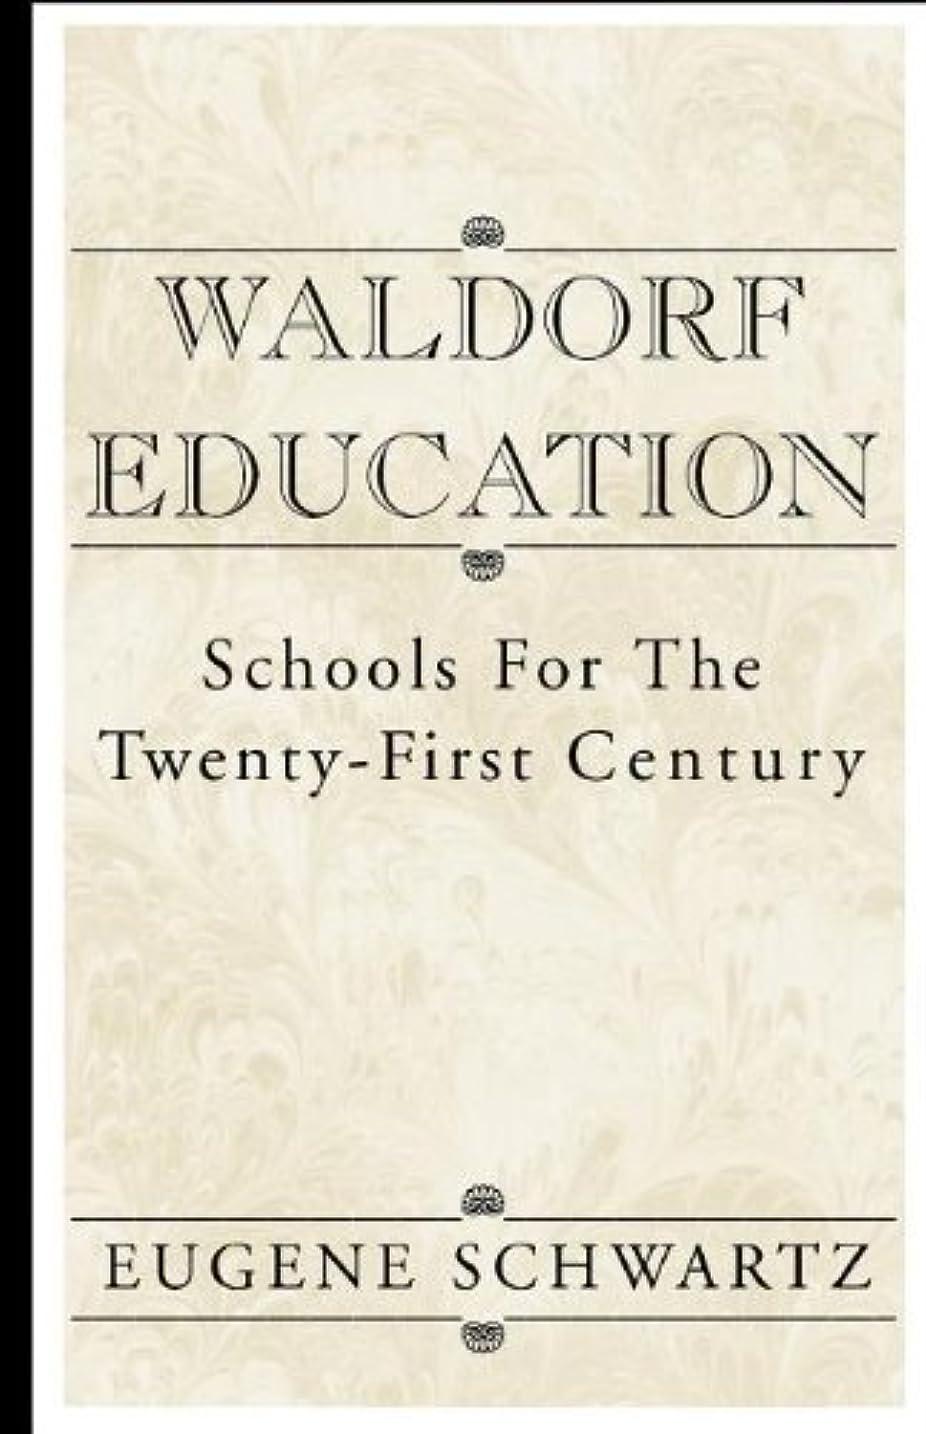 仲間、同僚蒸留する道に迷いましたWaldorf Education: Schools for the Twenty-First Century